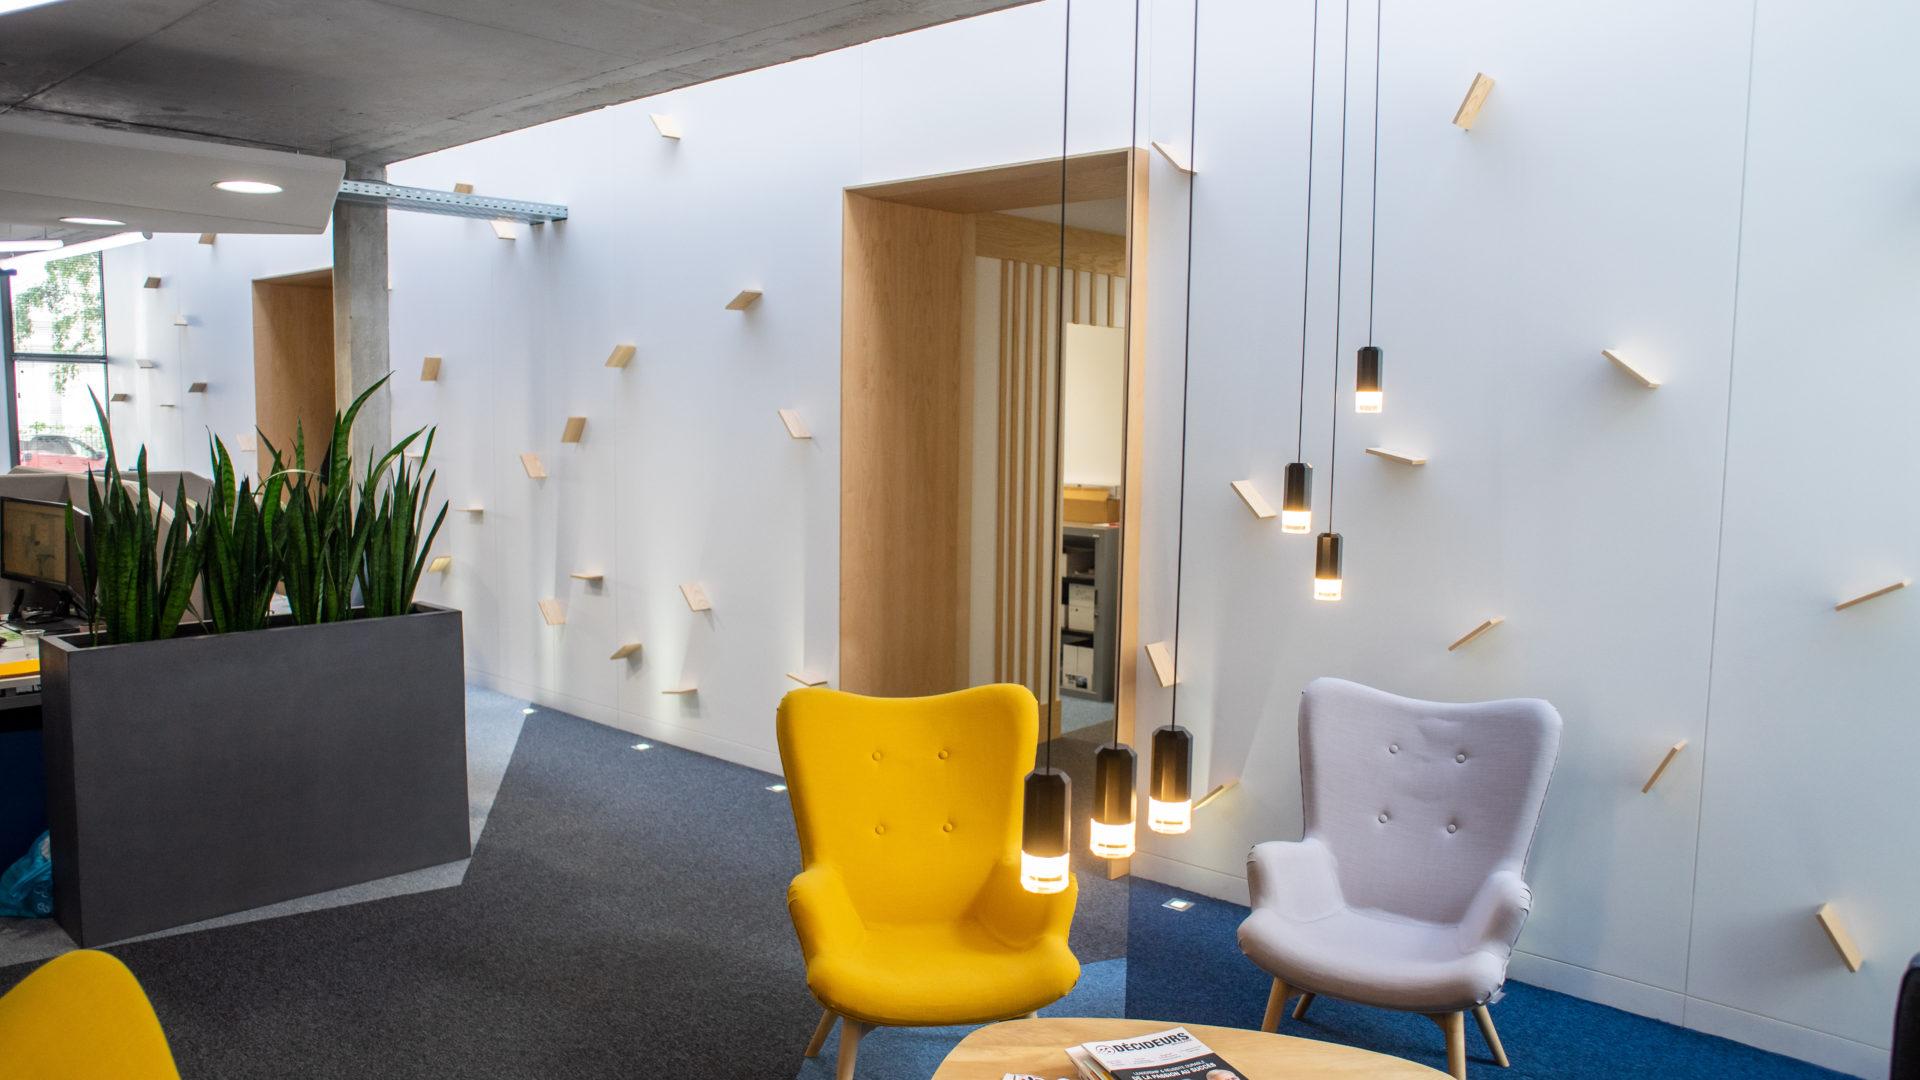 Salle de réunion chez Absiskey Toulouse, pour le financement de projets innovants